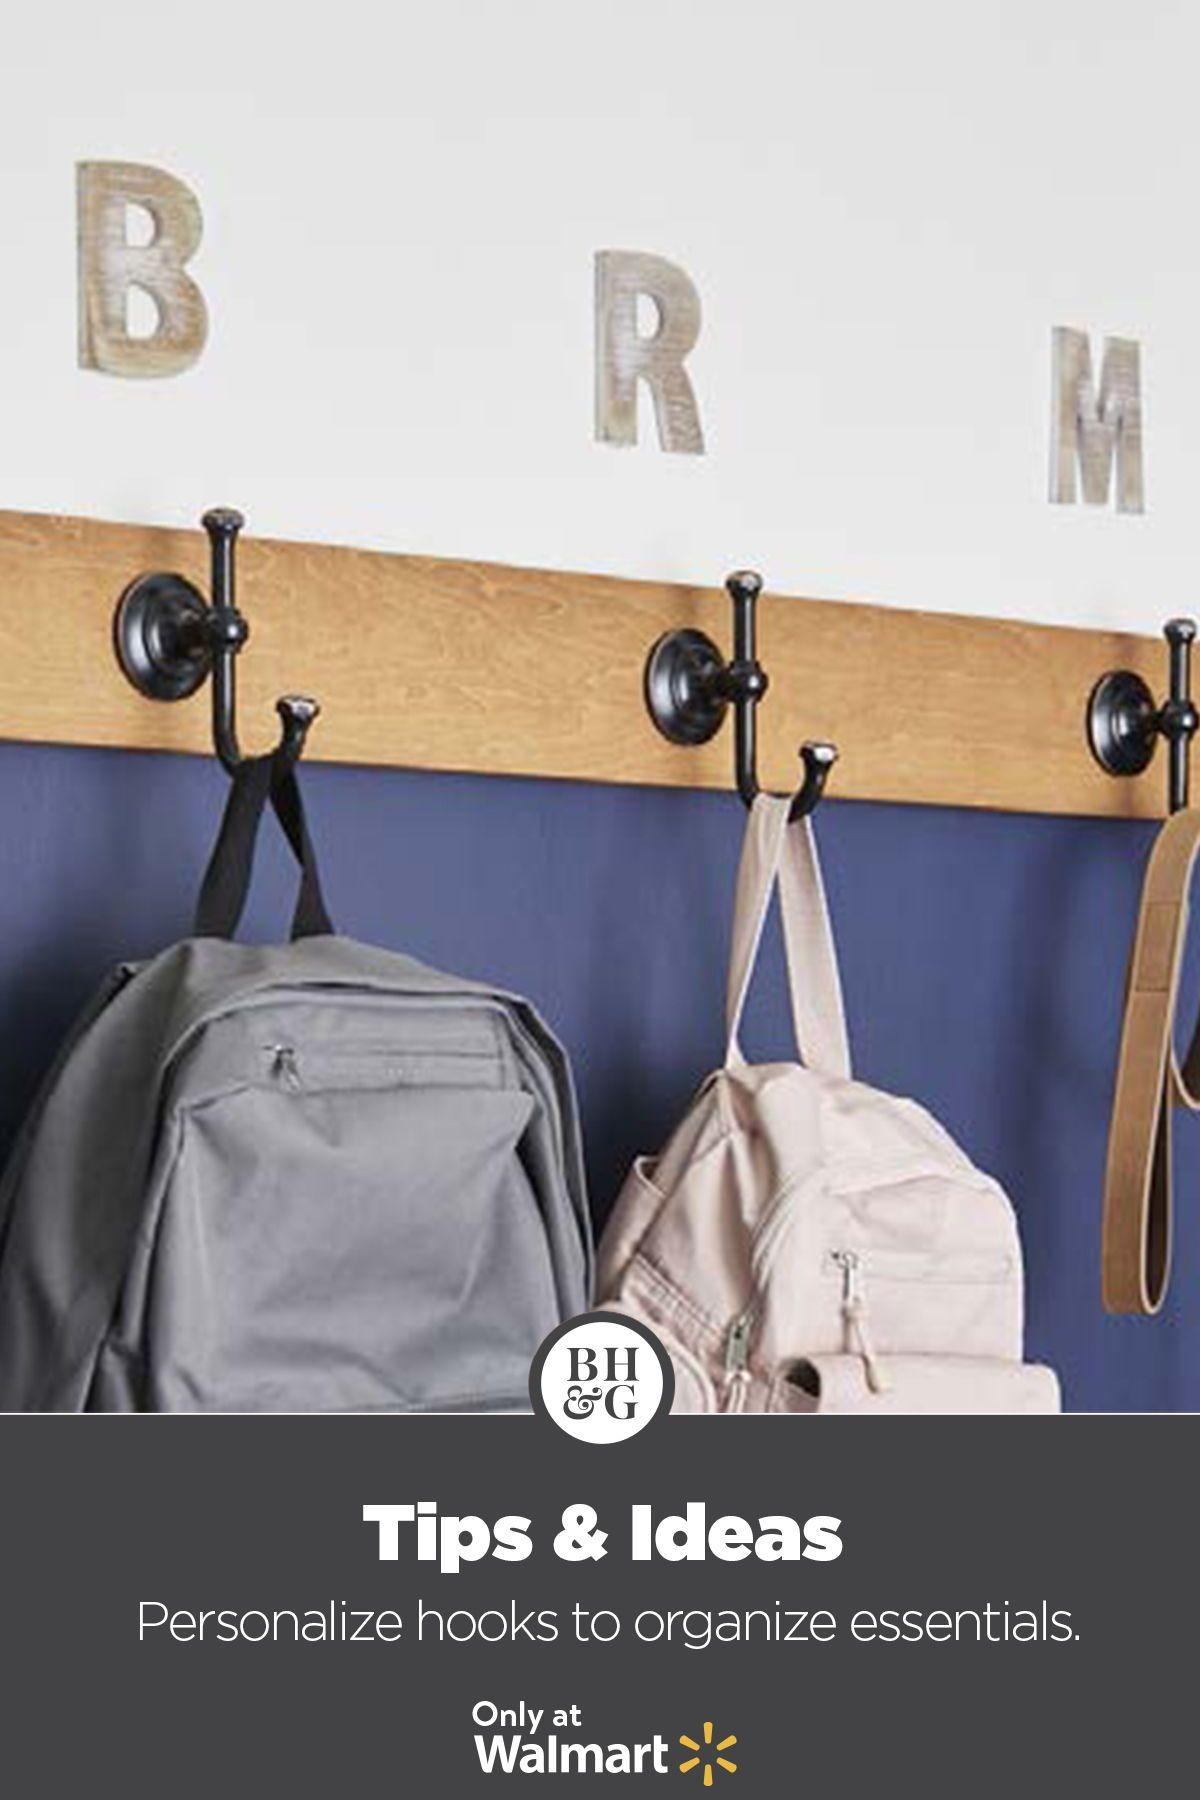 d33bb0505f8cc1f247758f736dbc469f - Better Homes And Gardens Garment Bag